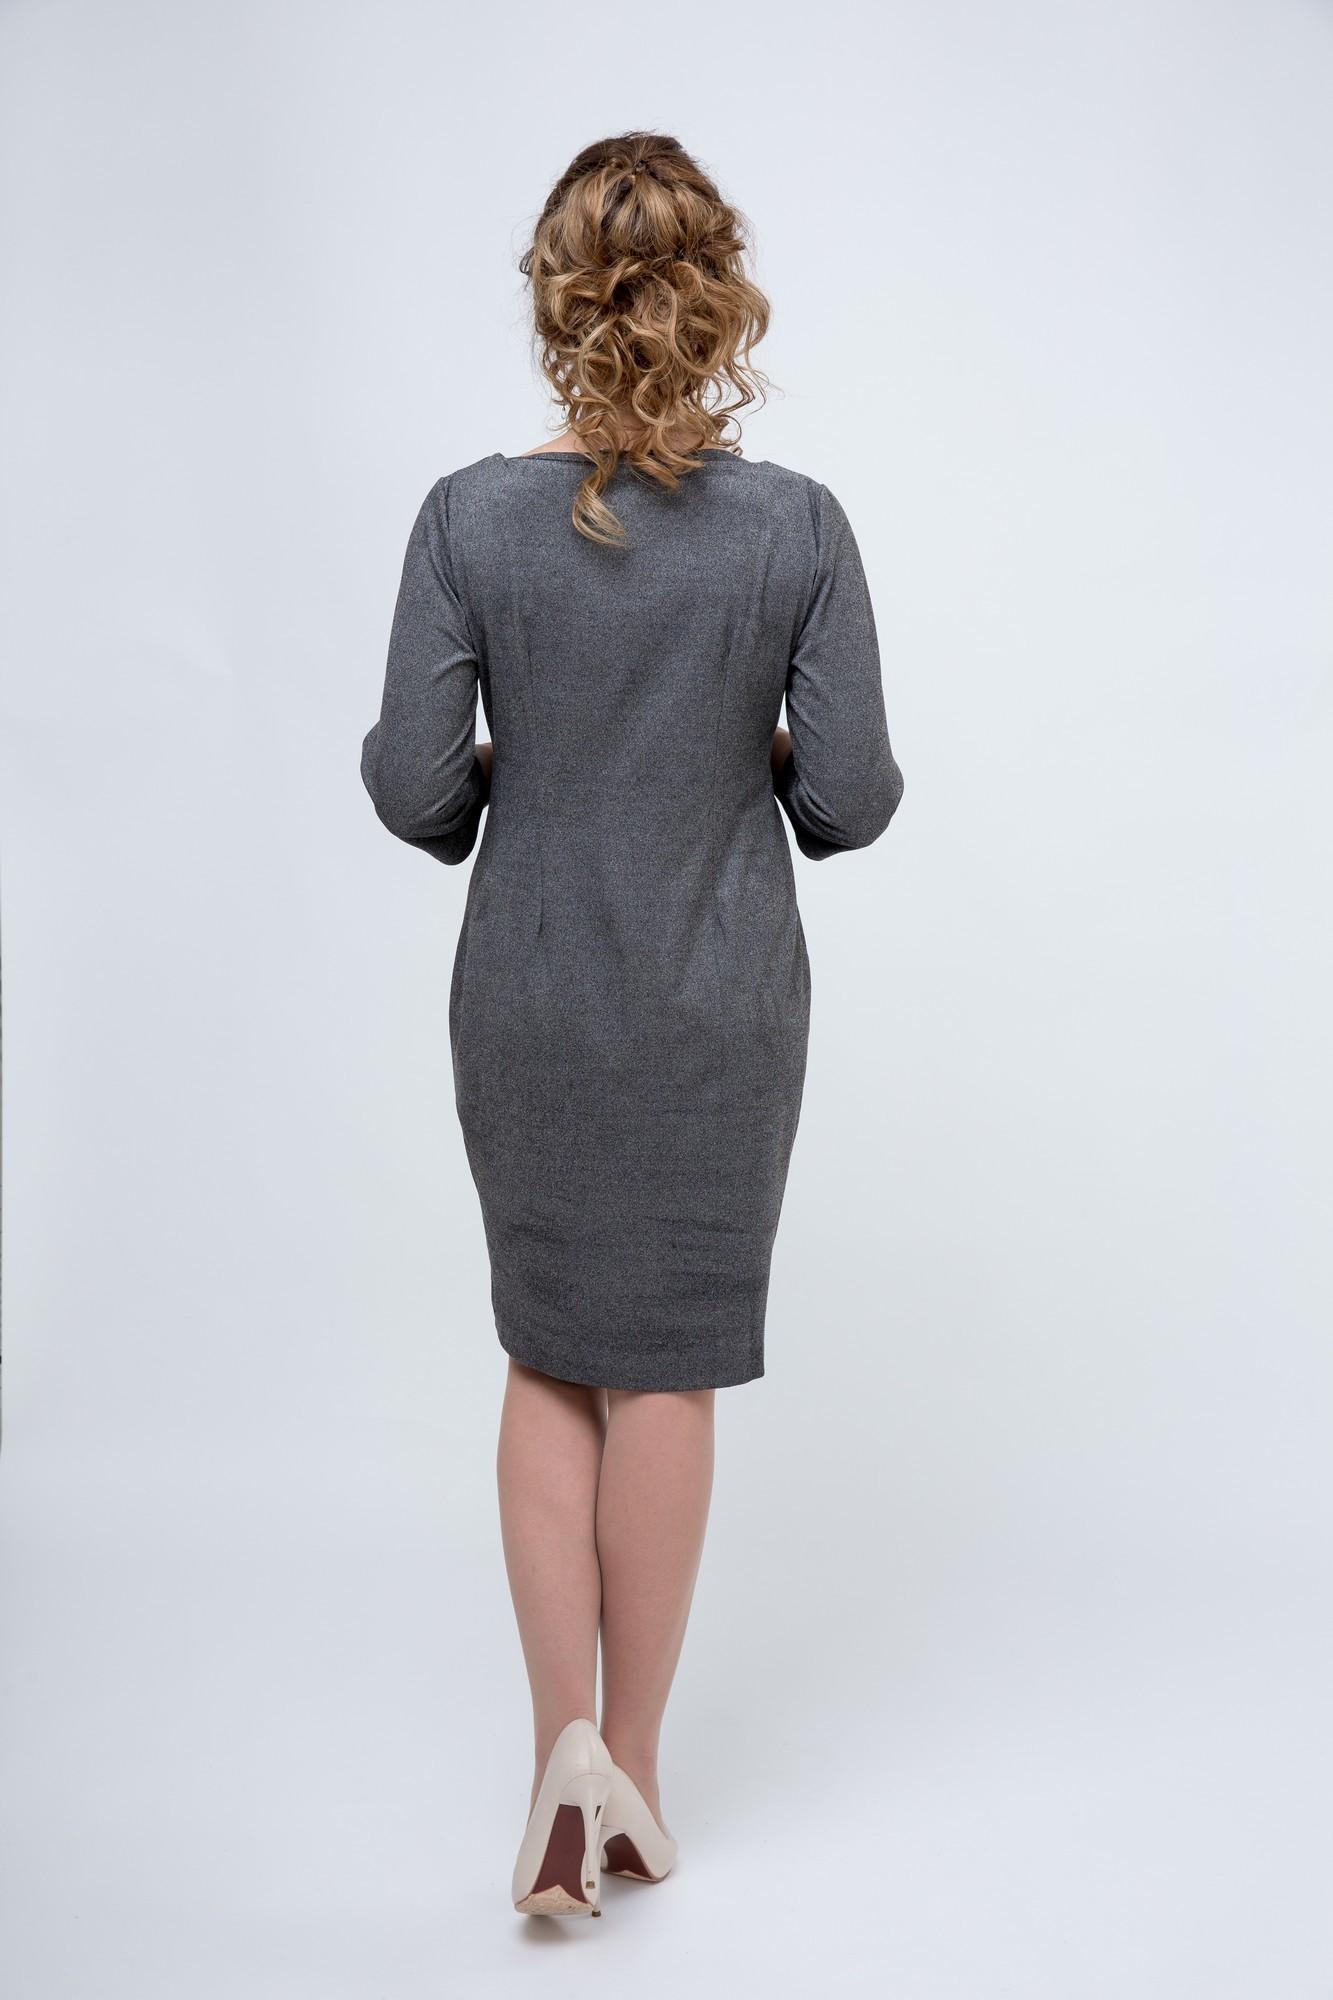 Фото платье для беременных и кормящих 9Fashion от магазина СкороМама, серый, размеры.